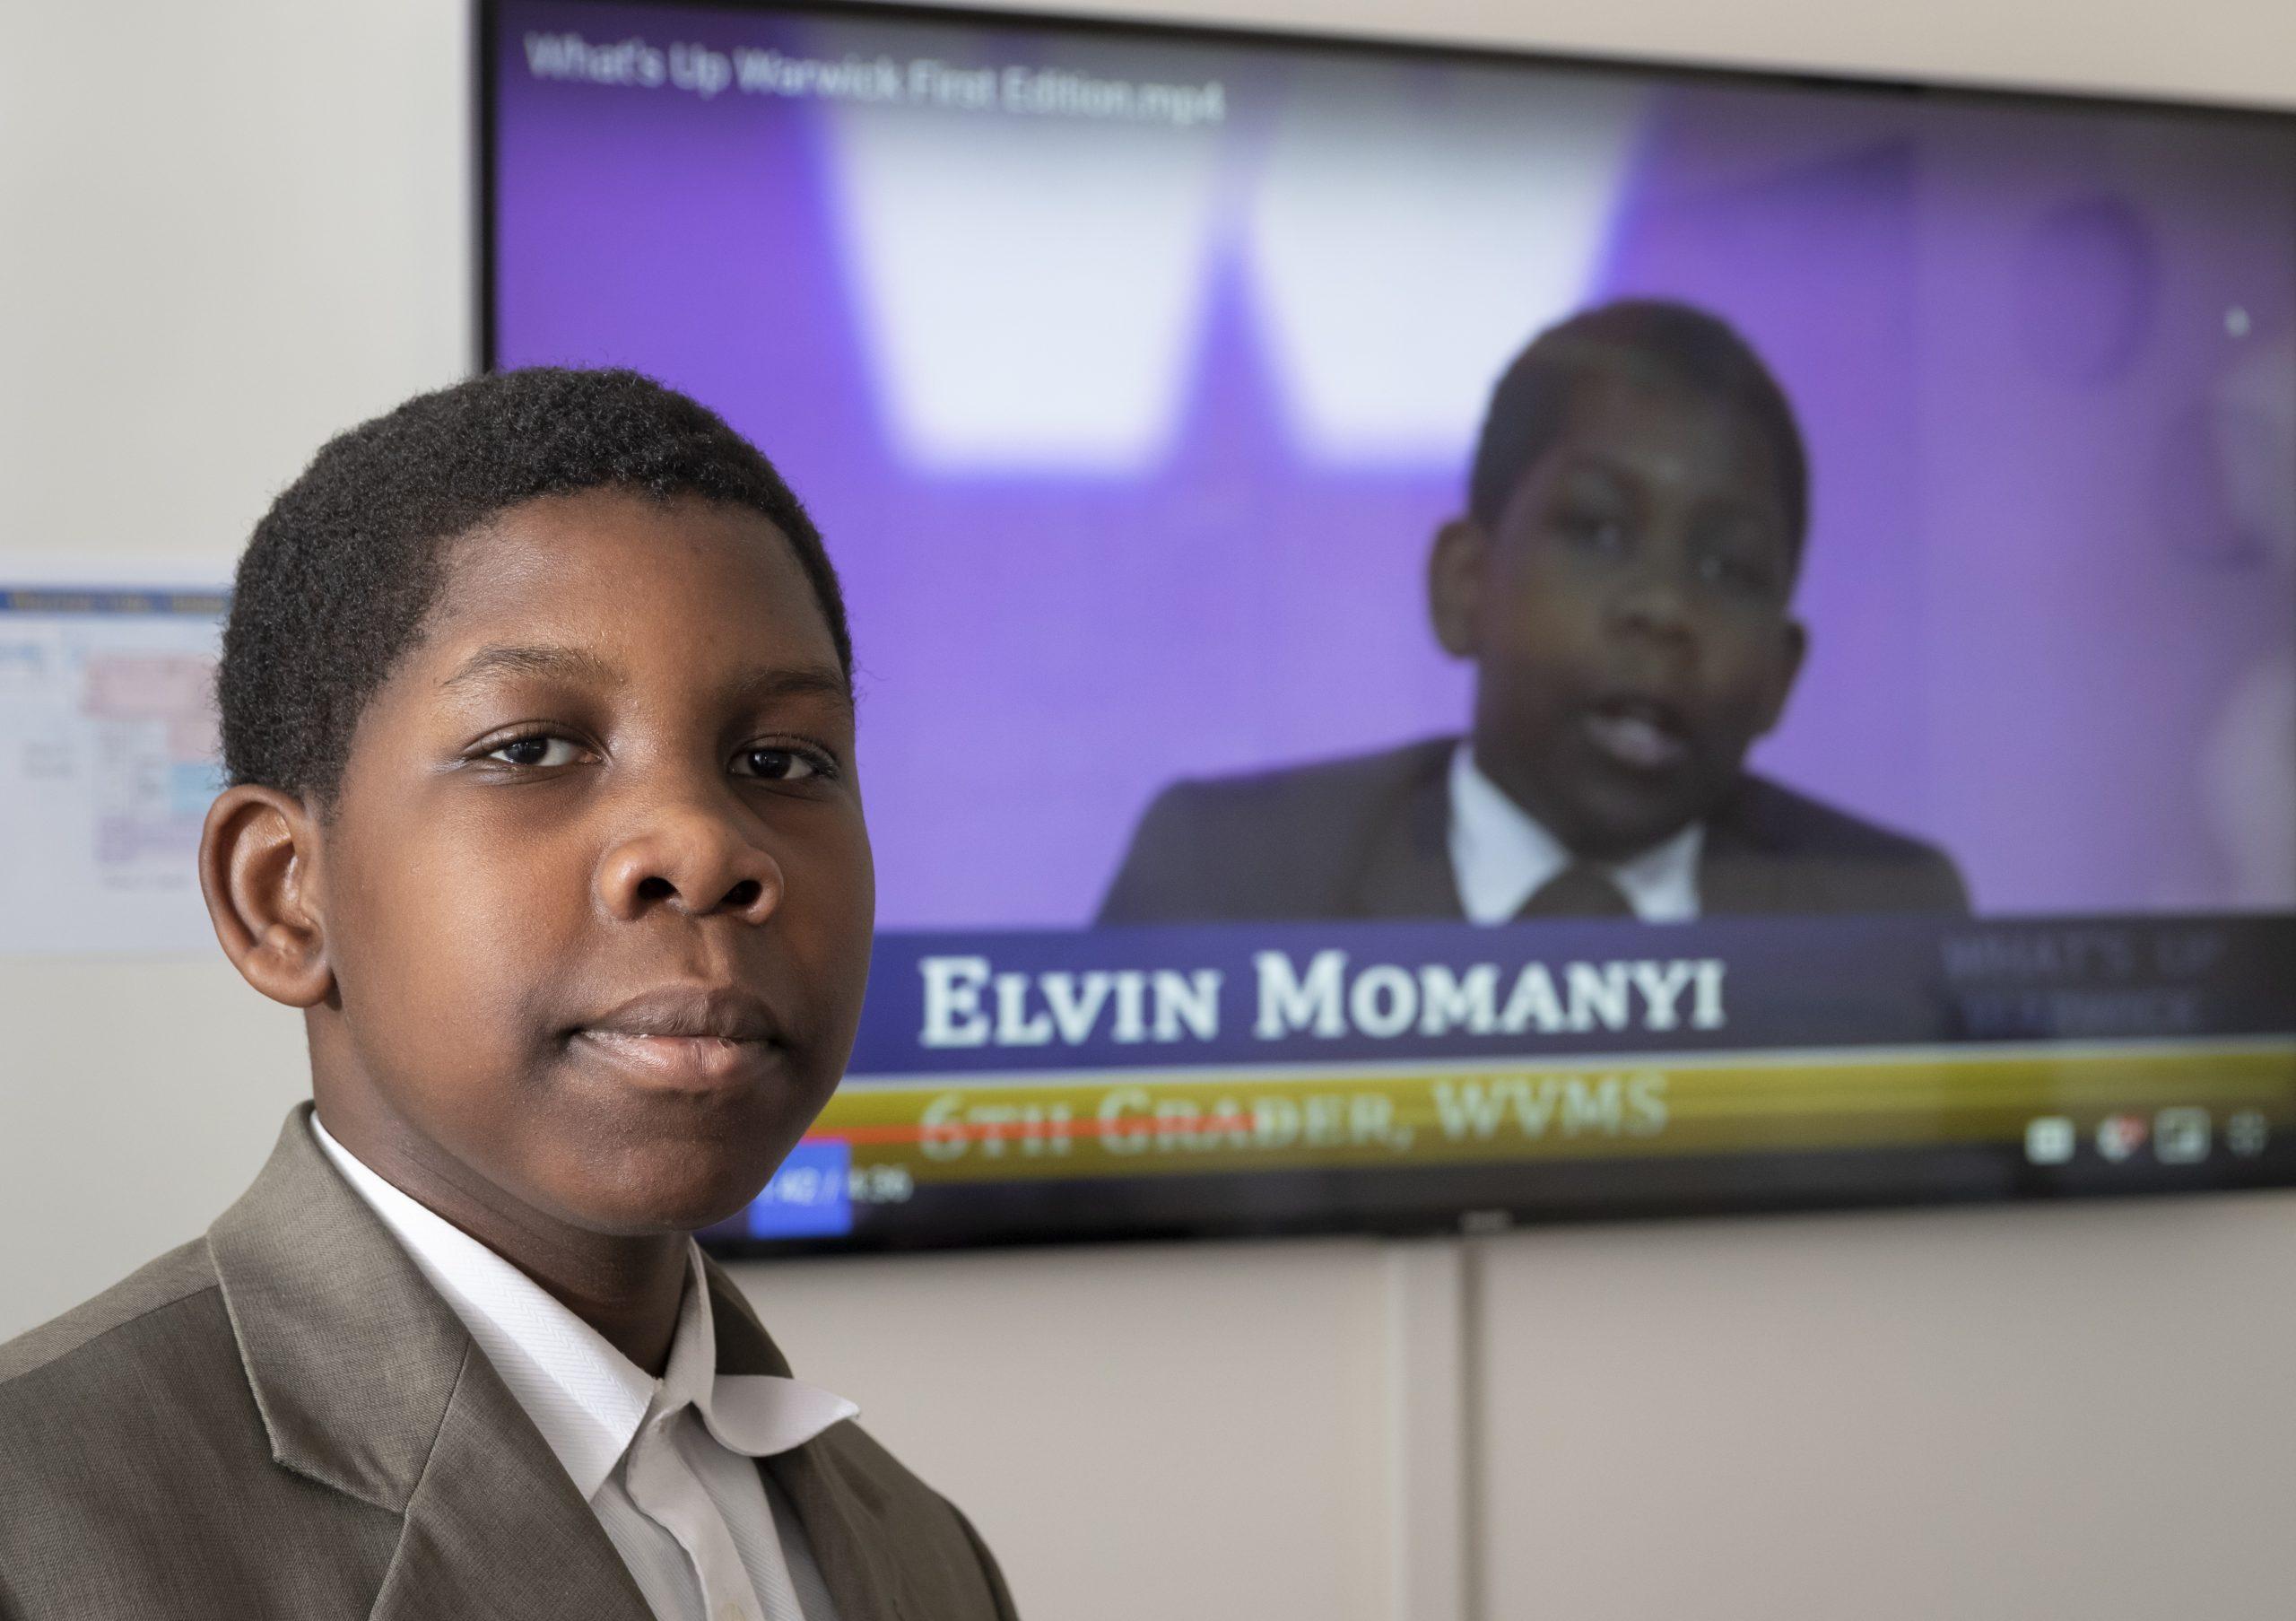 Elvin Momanyi